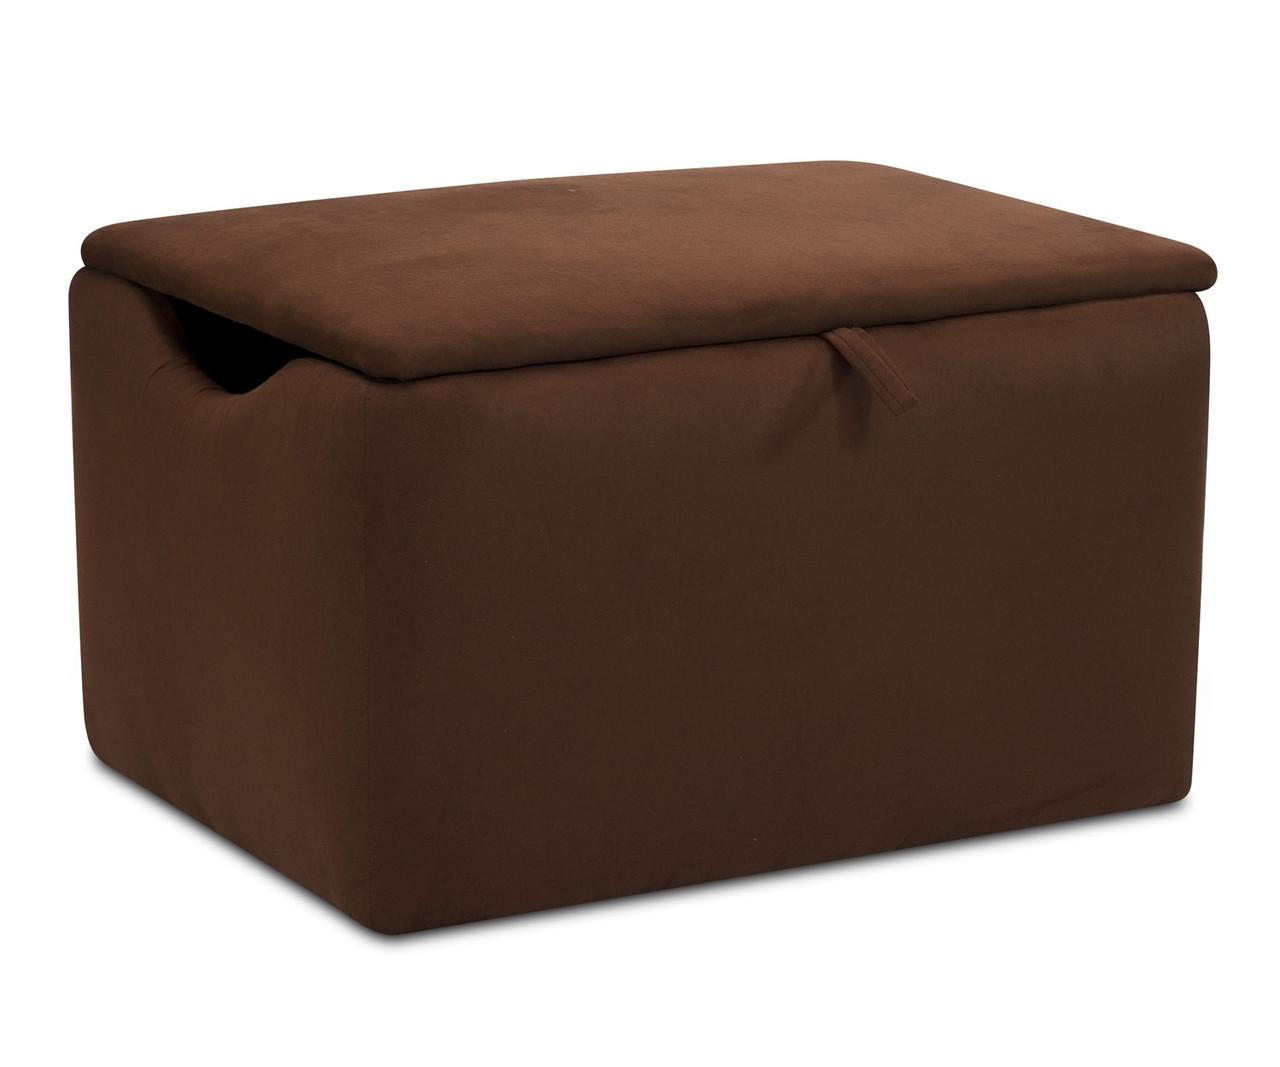 Kidz World Storage Box Designer Fabric Chocolate Suede